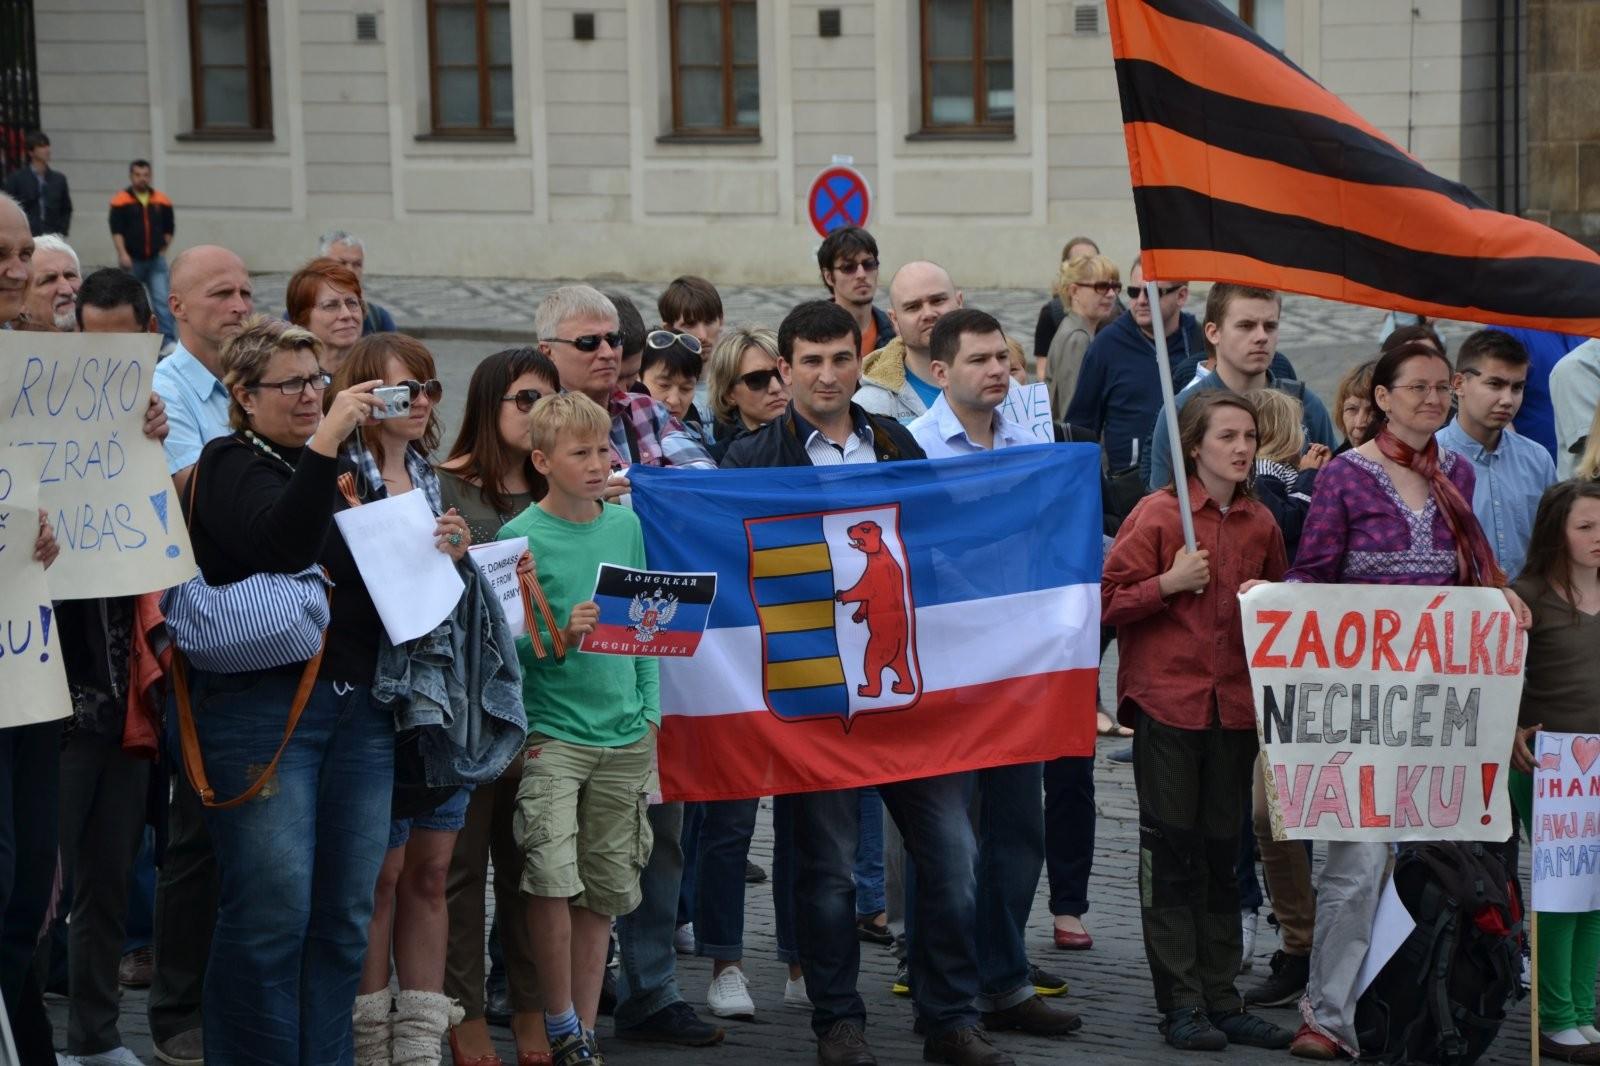 Закарпатье решило отделиться от Украинского государства